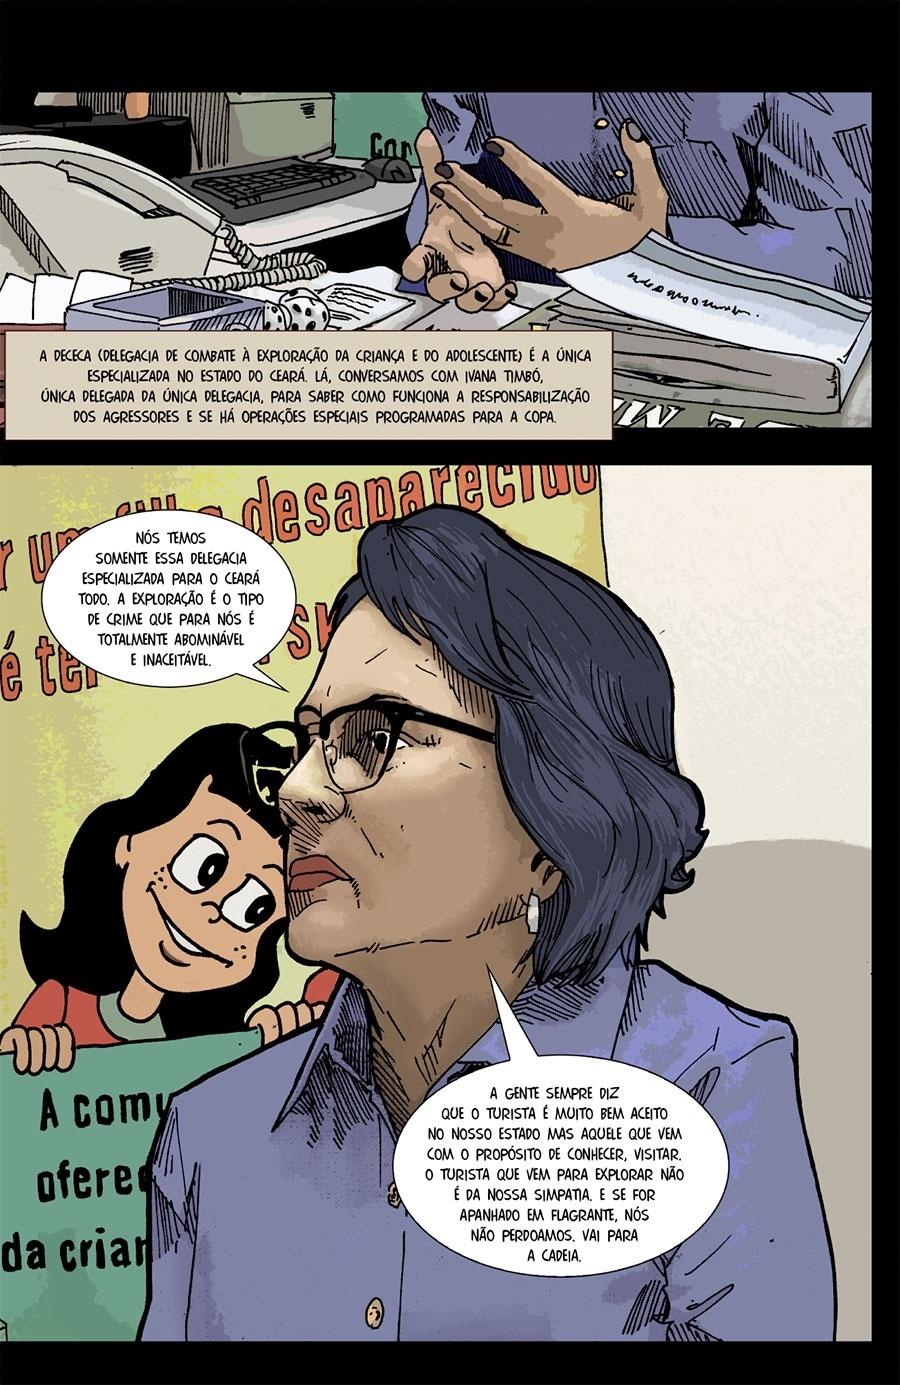 Capítulo 3: A delegada Ivana Timbó é a única especializada em combate à exploração da criança e do adolescente no Ceará.